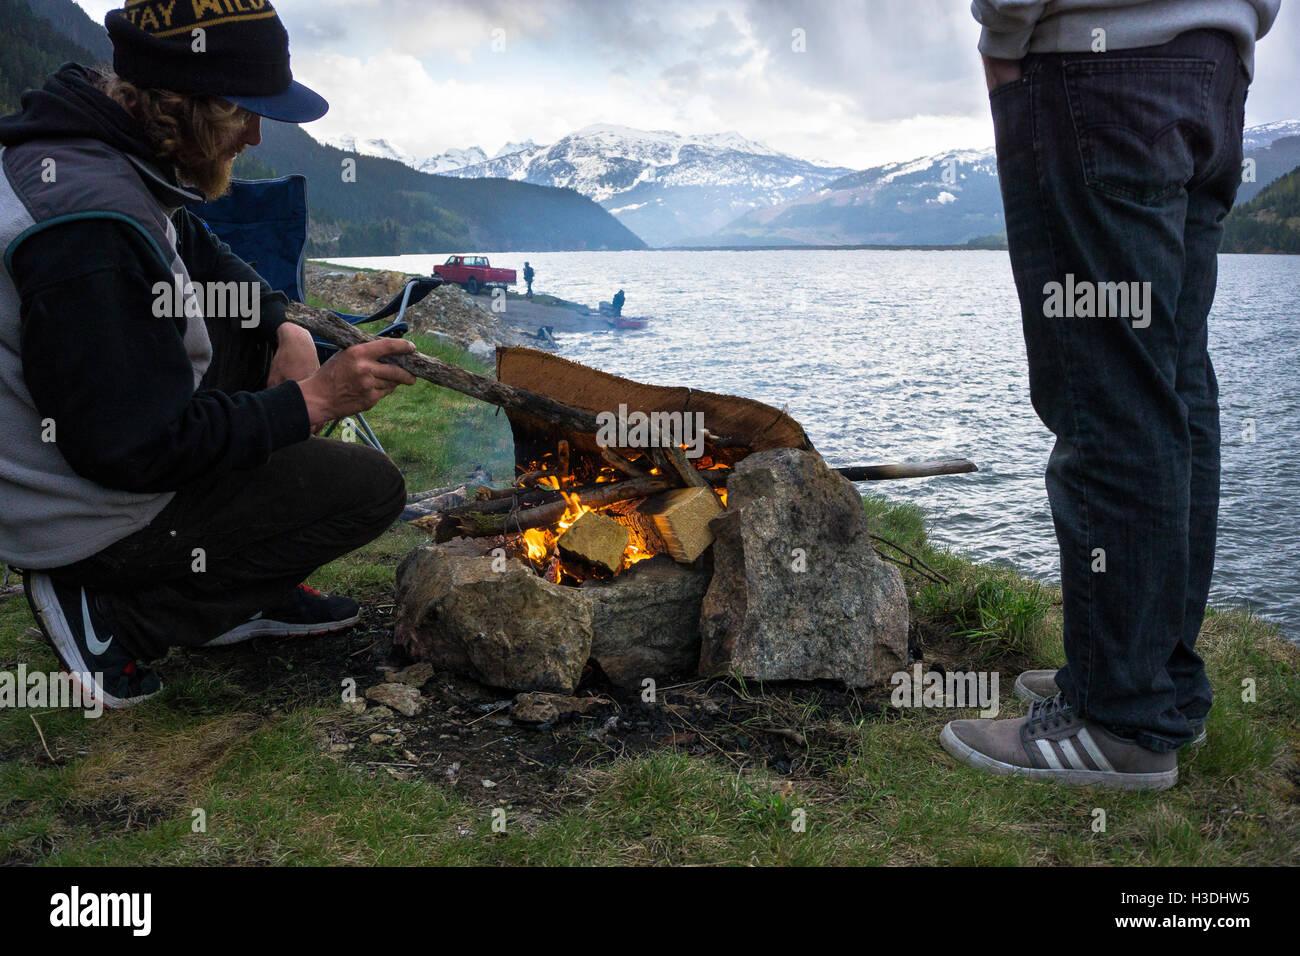 Freunde bauen Sie ein Feuer am Ufer eines Sees in innen Britisch-Kolumbien Stockbild